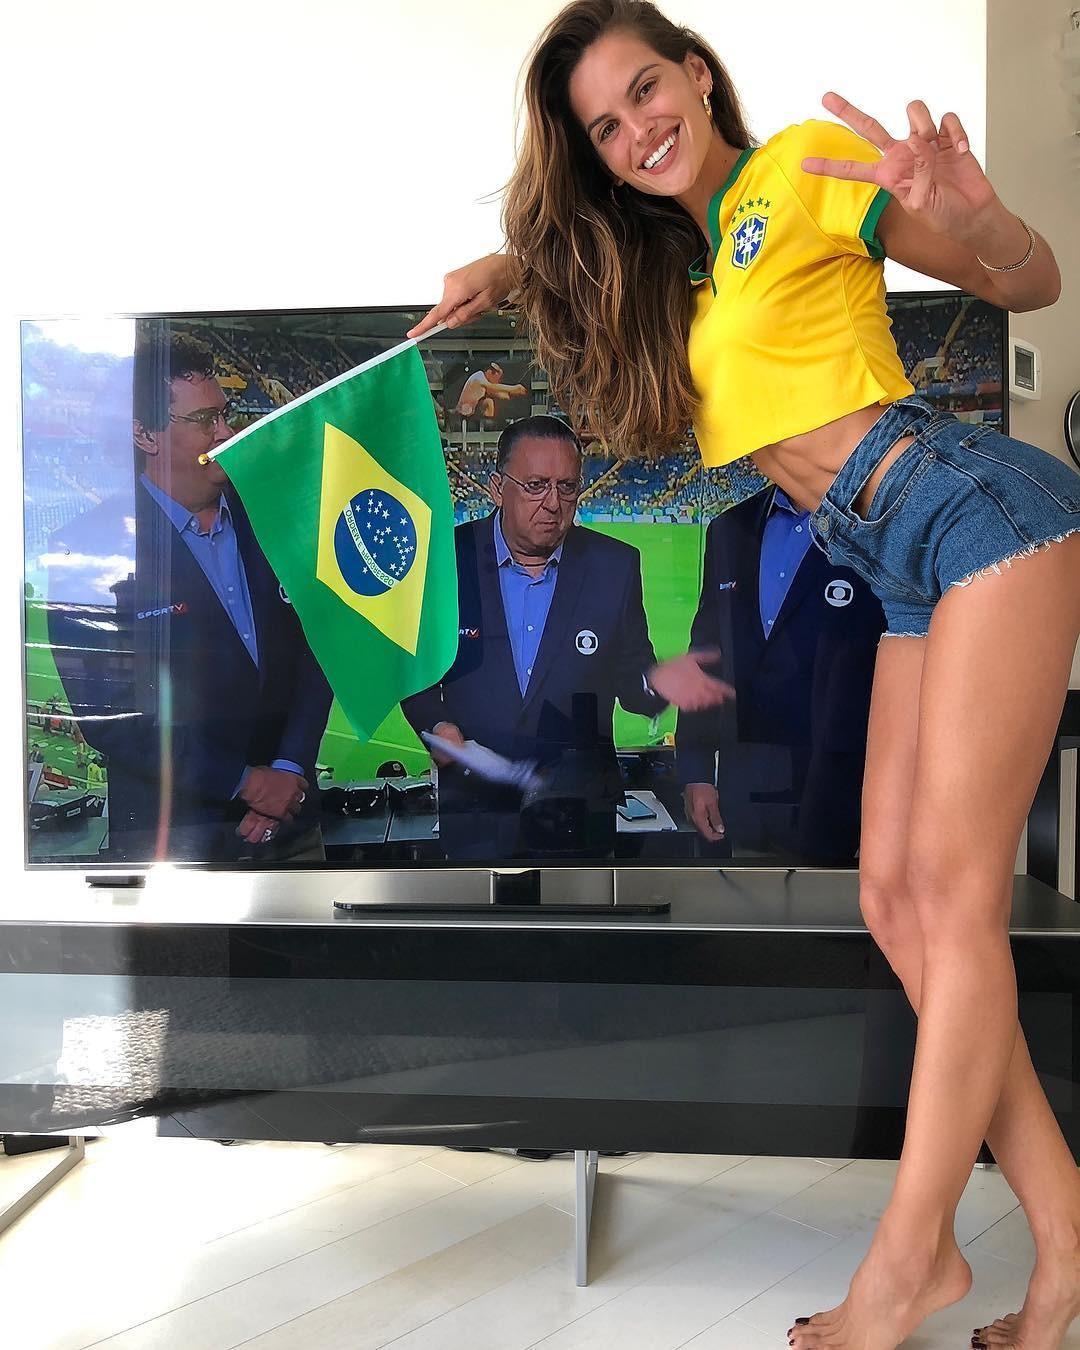 Izabel Goulart, noiva de Kevin Trapp - goleiro da Alemanha - mostra que o coração futebolista é da seleção brasileira (Foto: Reprodução/Instagram)